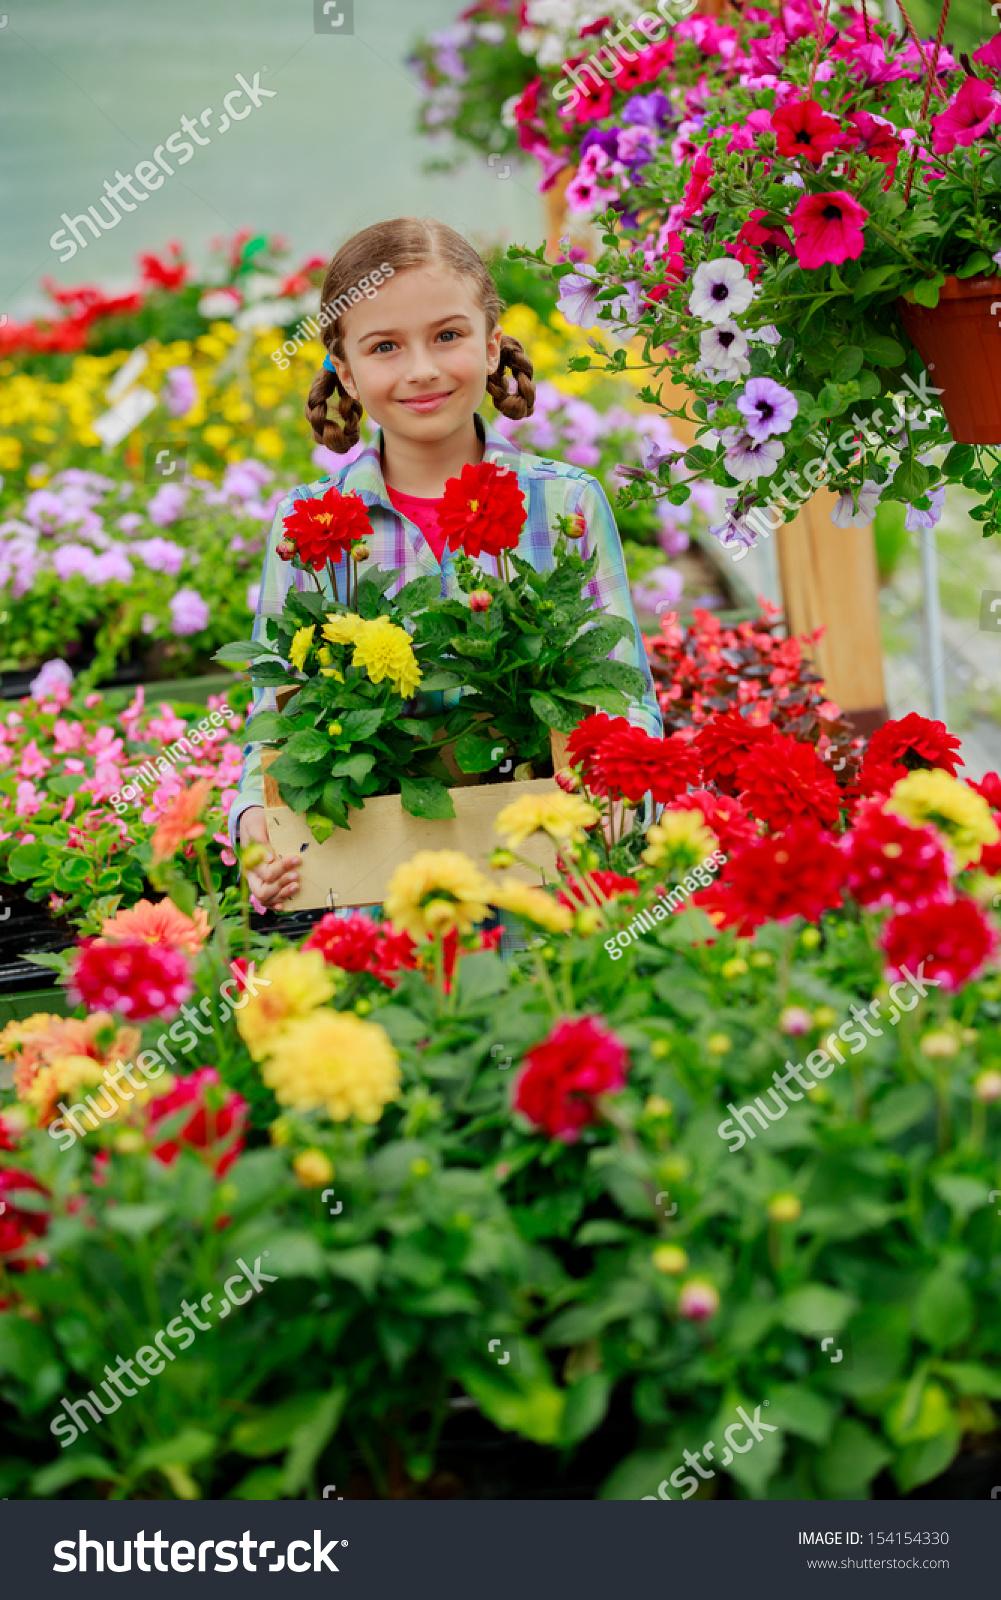 Royalty Free Flowers For Garden Lovely Girl 154154330 Stock